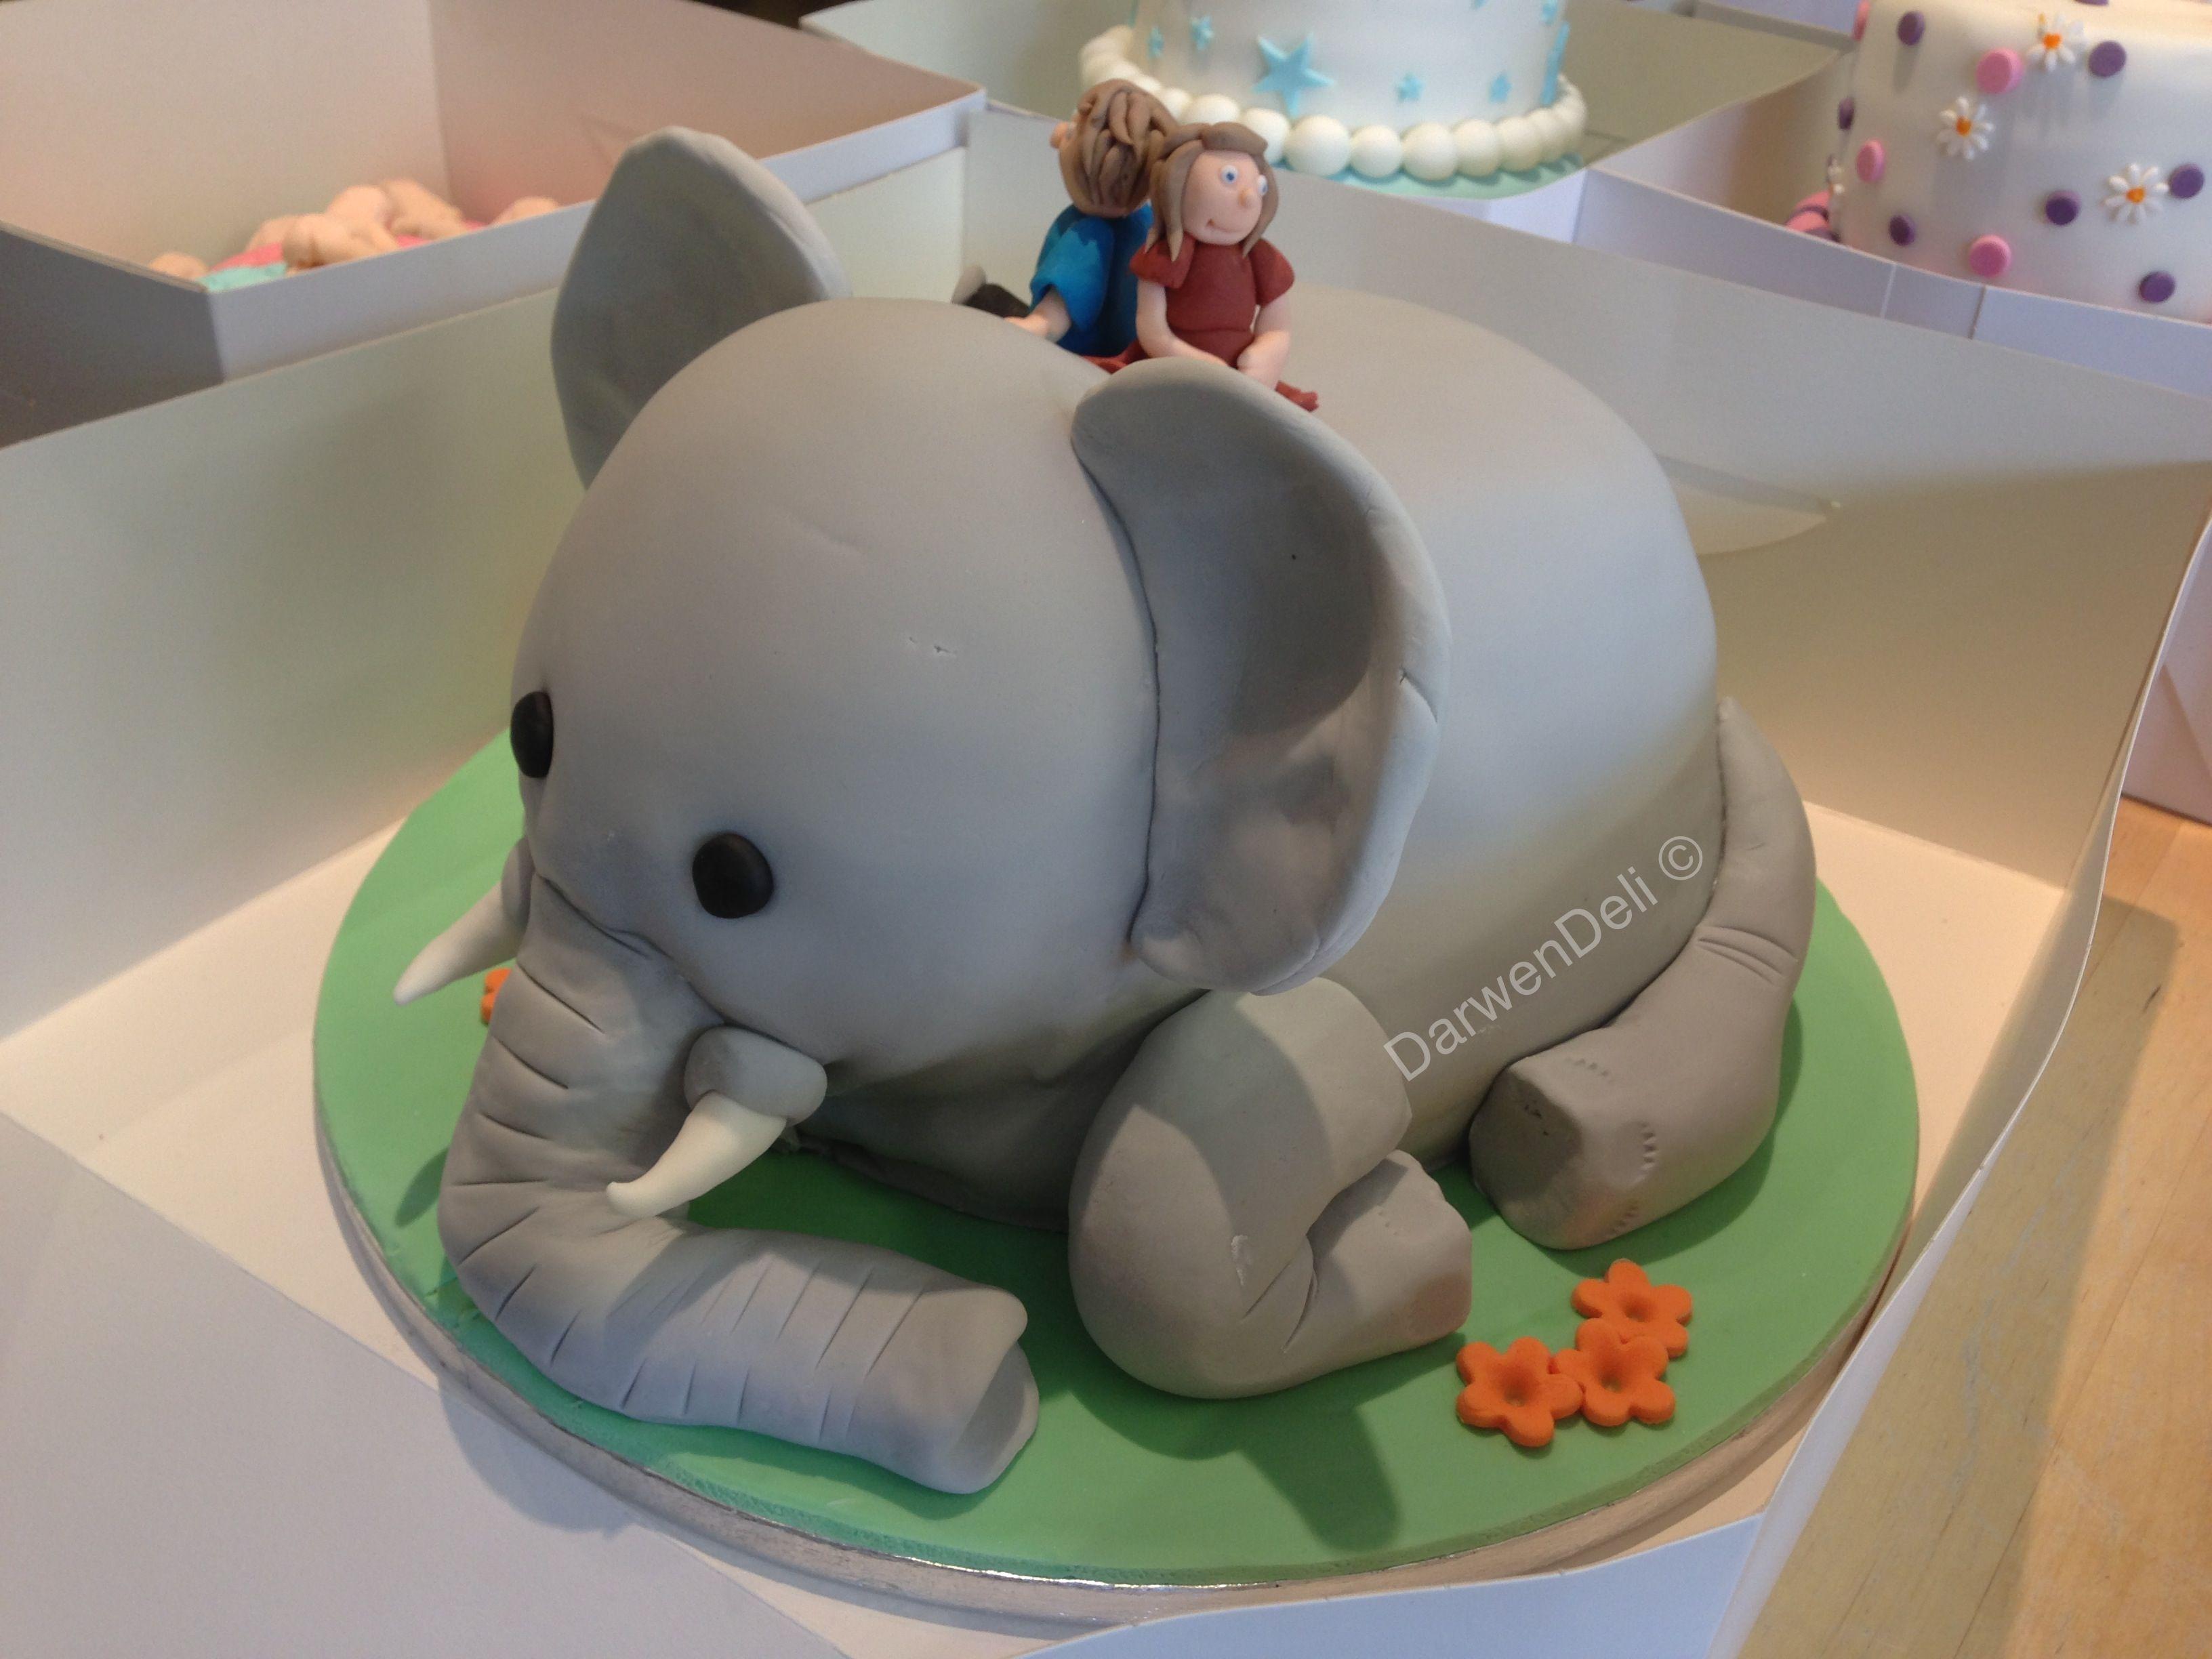 How To Make A Cake Shaped Like An Elephant